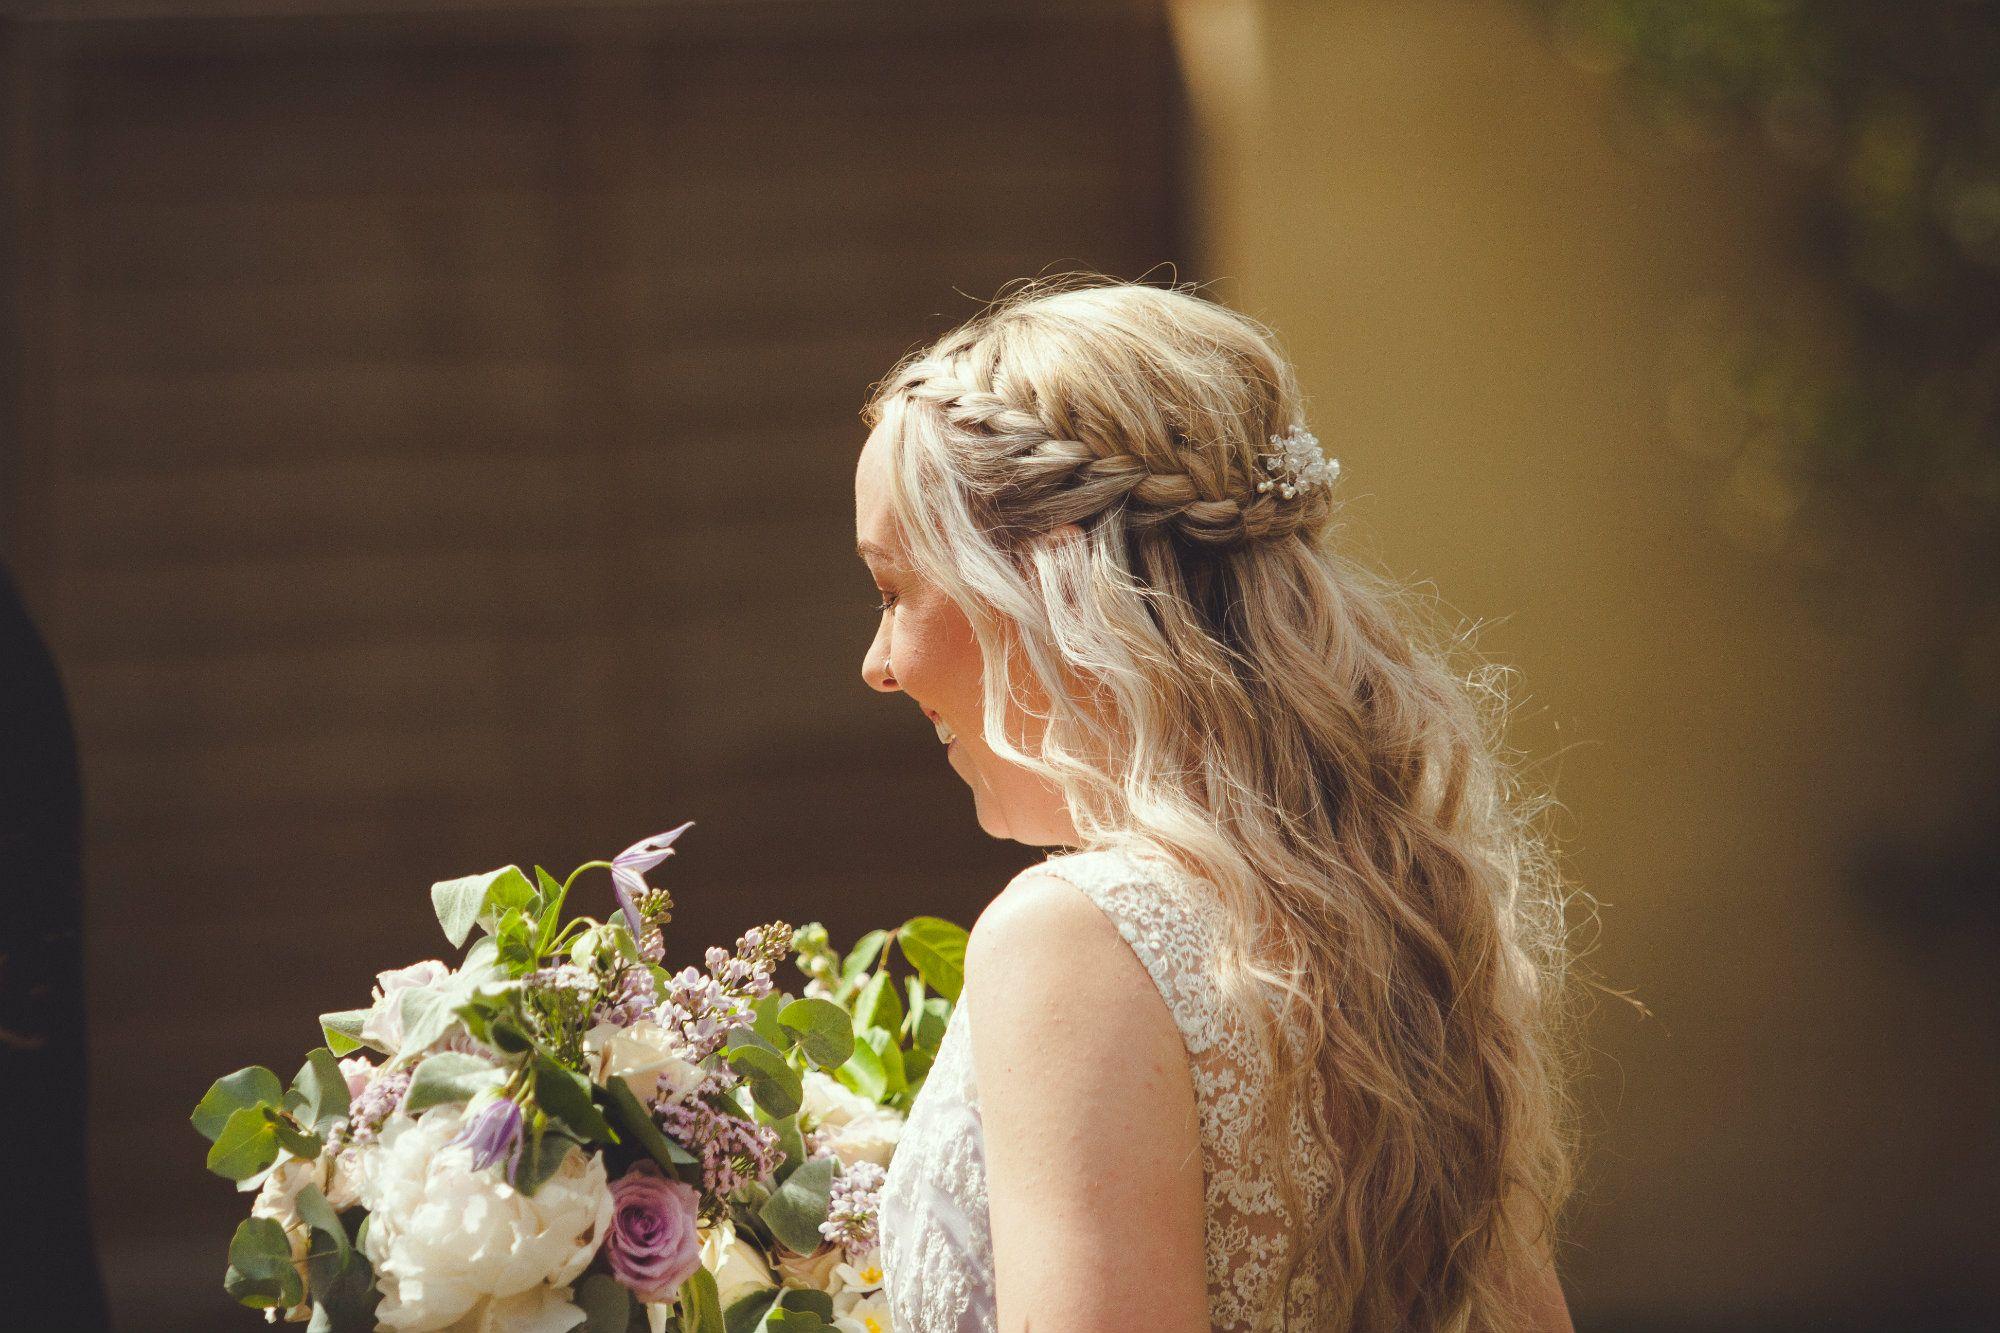 Burford-Oxford-mobile-wedding-hairdresser-Oxfordshire-UK-JEN-268